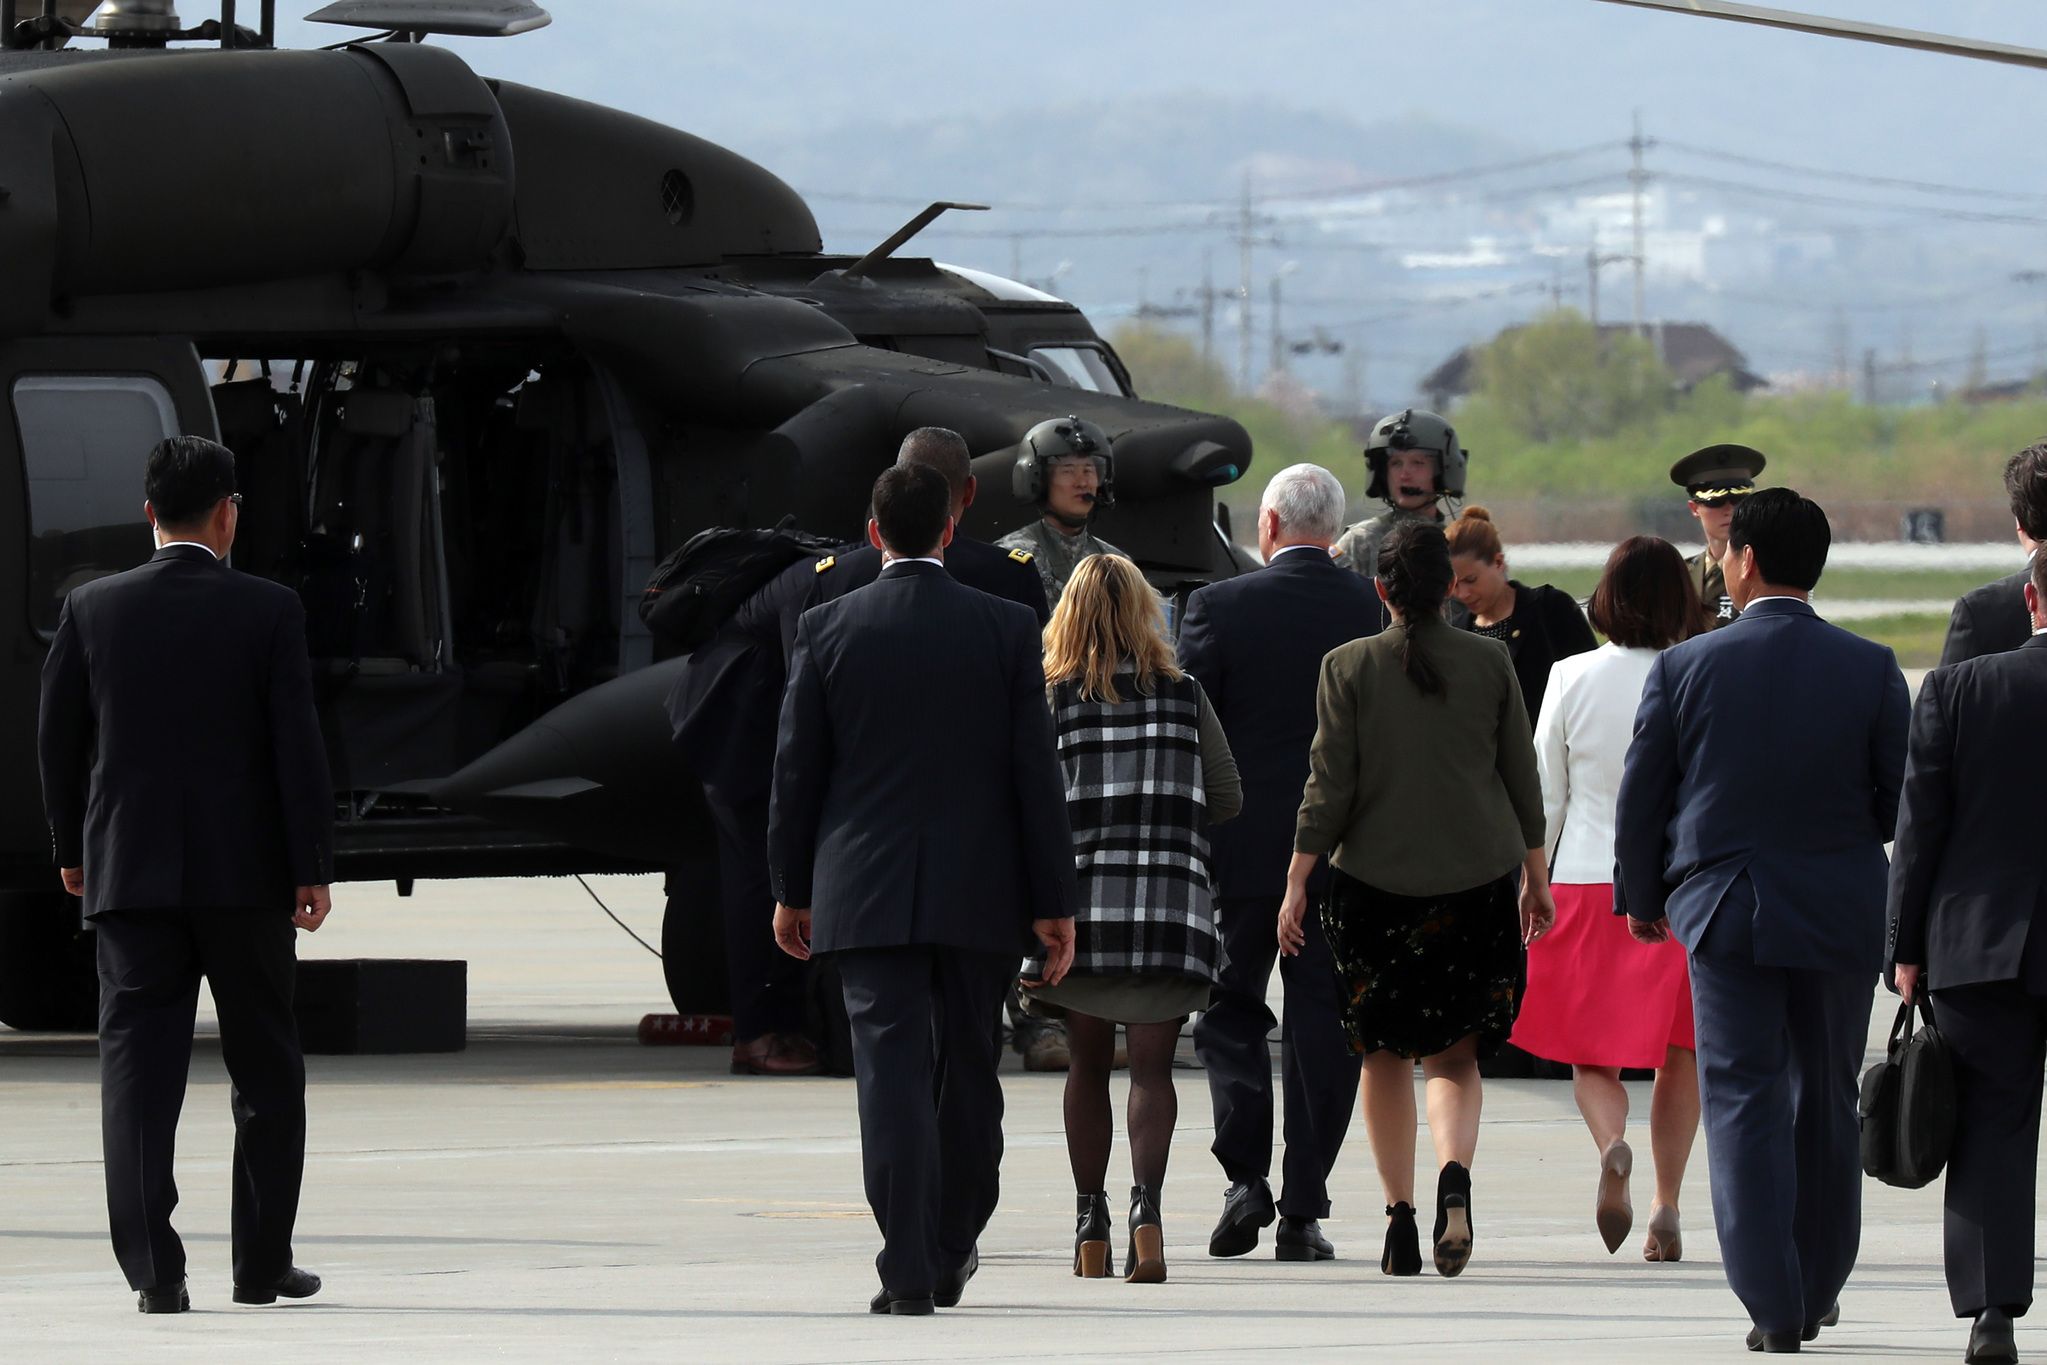 마이크 펜스 미국 부통령이 16일 오후 경기도 오산 공군기지에 도착, 가족들 앞에서 걸으며 헬기로 이동하고 있다. 김경록 기자